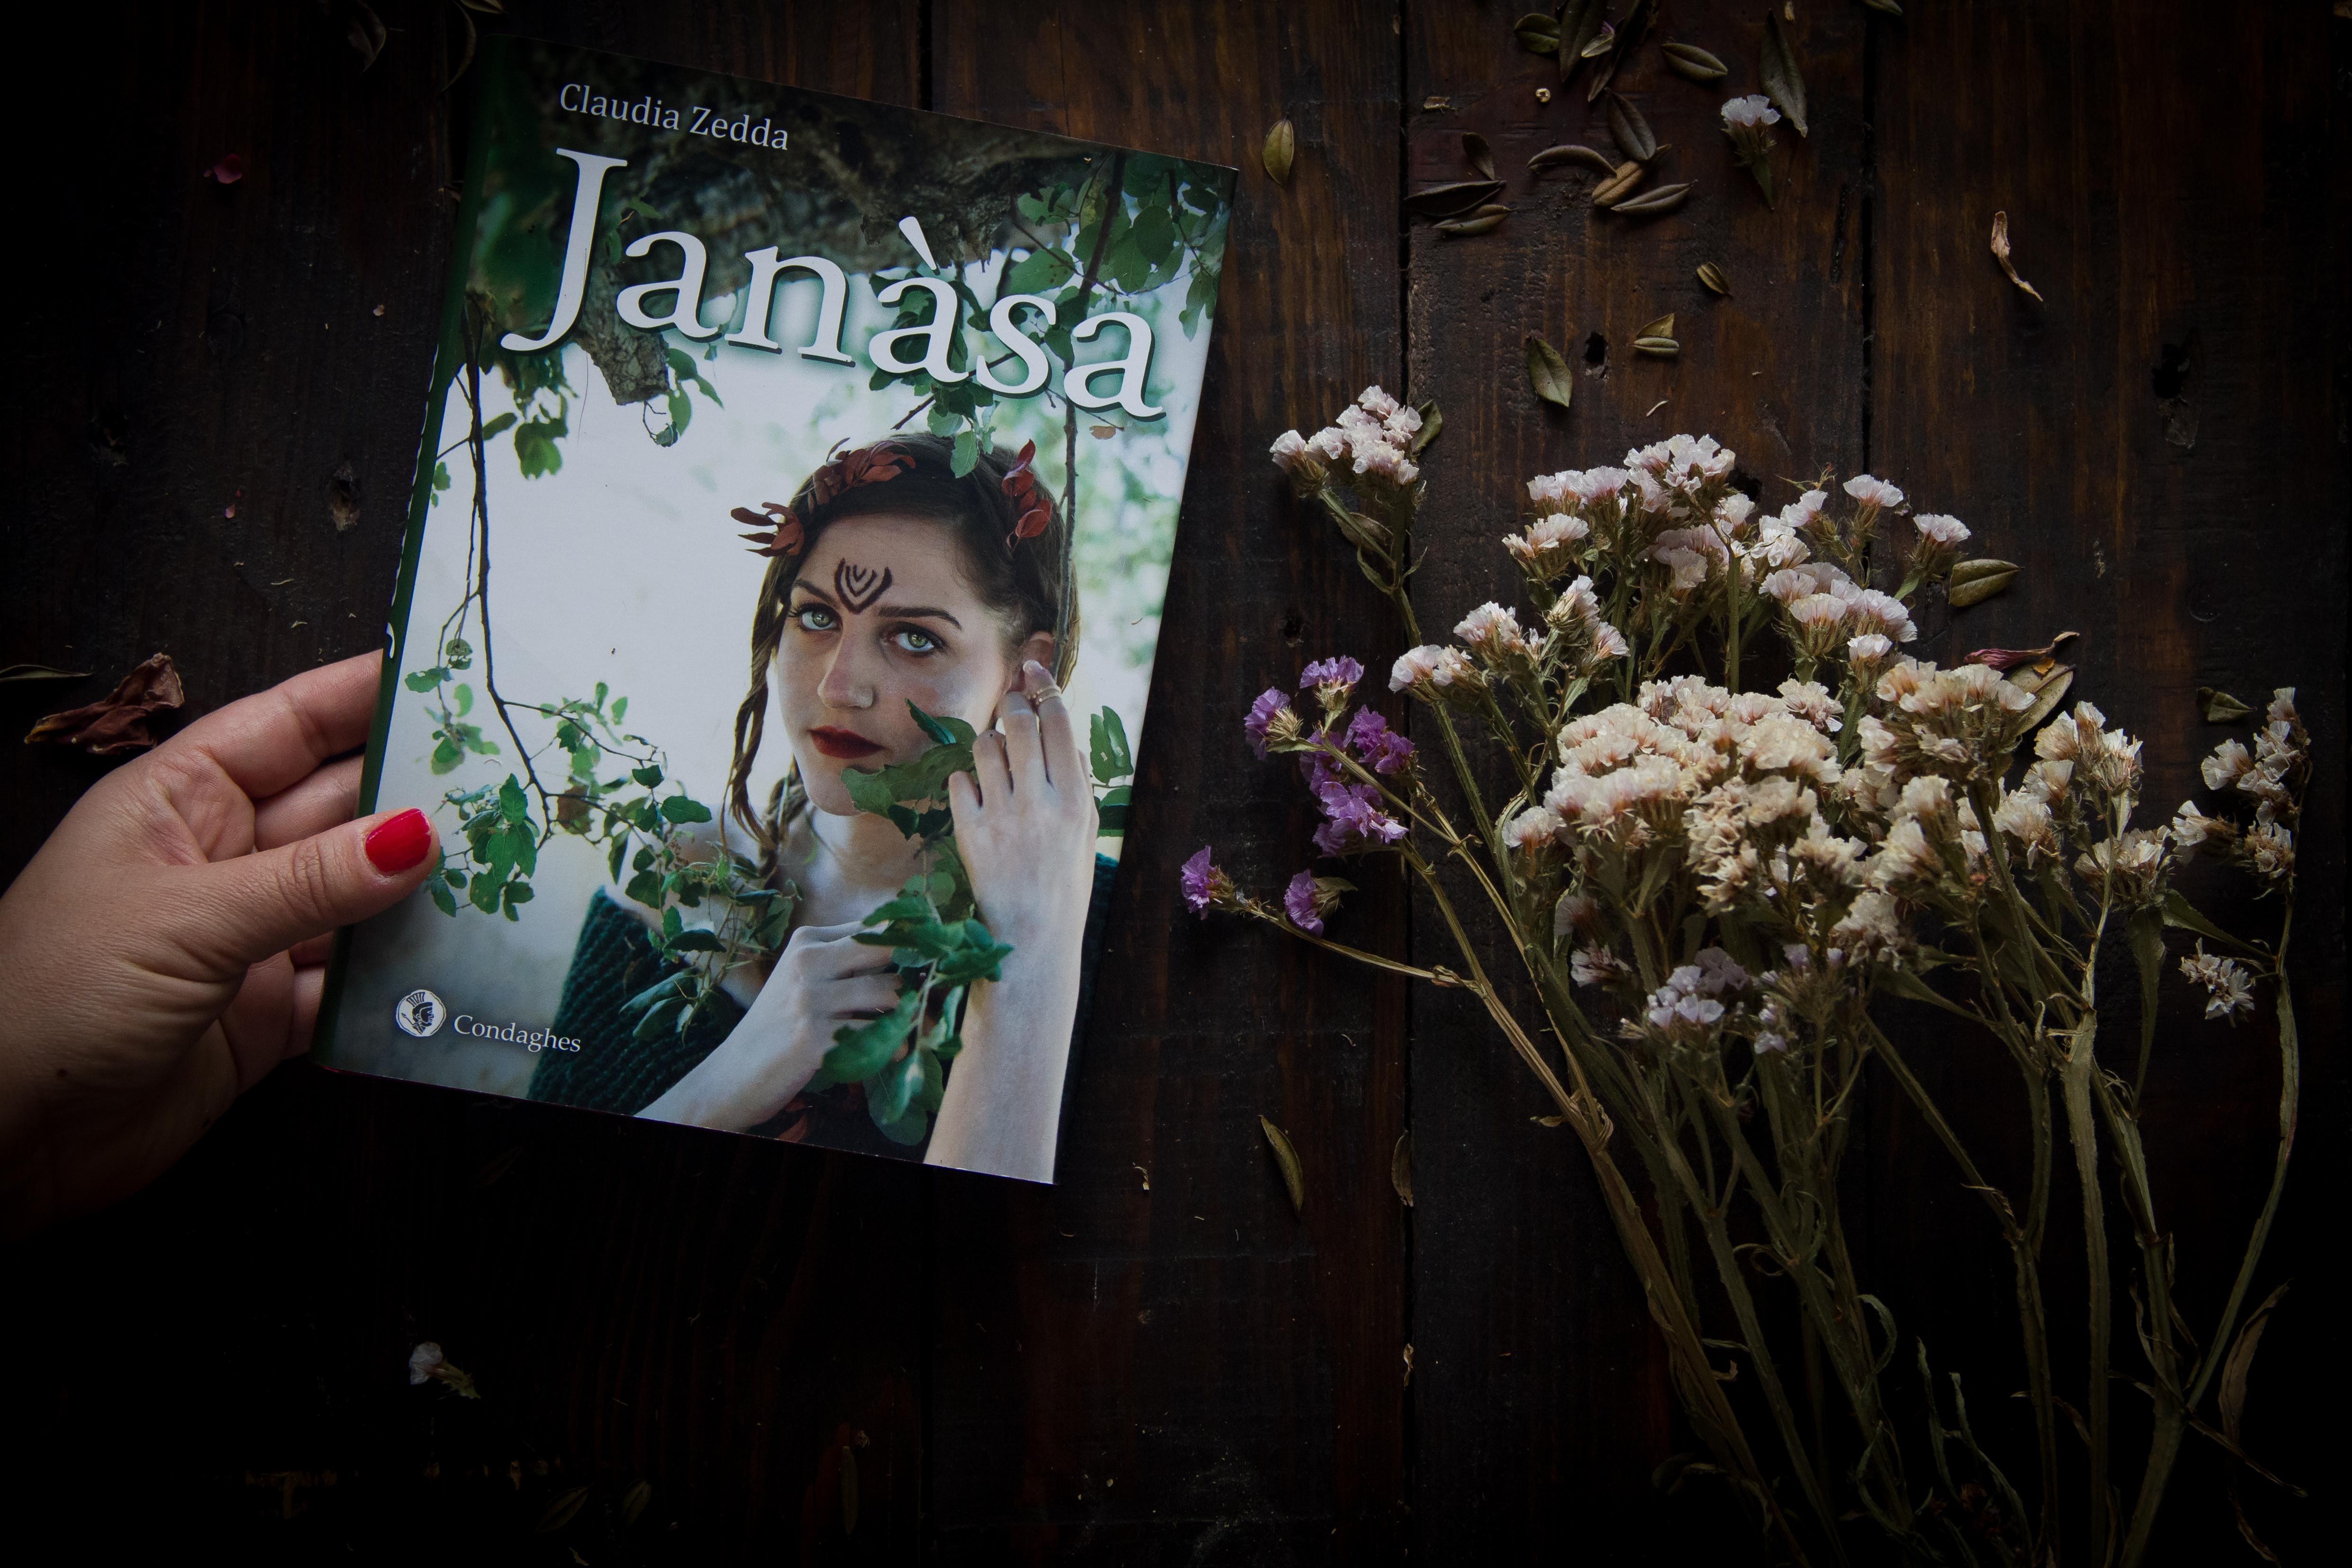 Janàsa